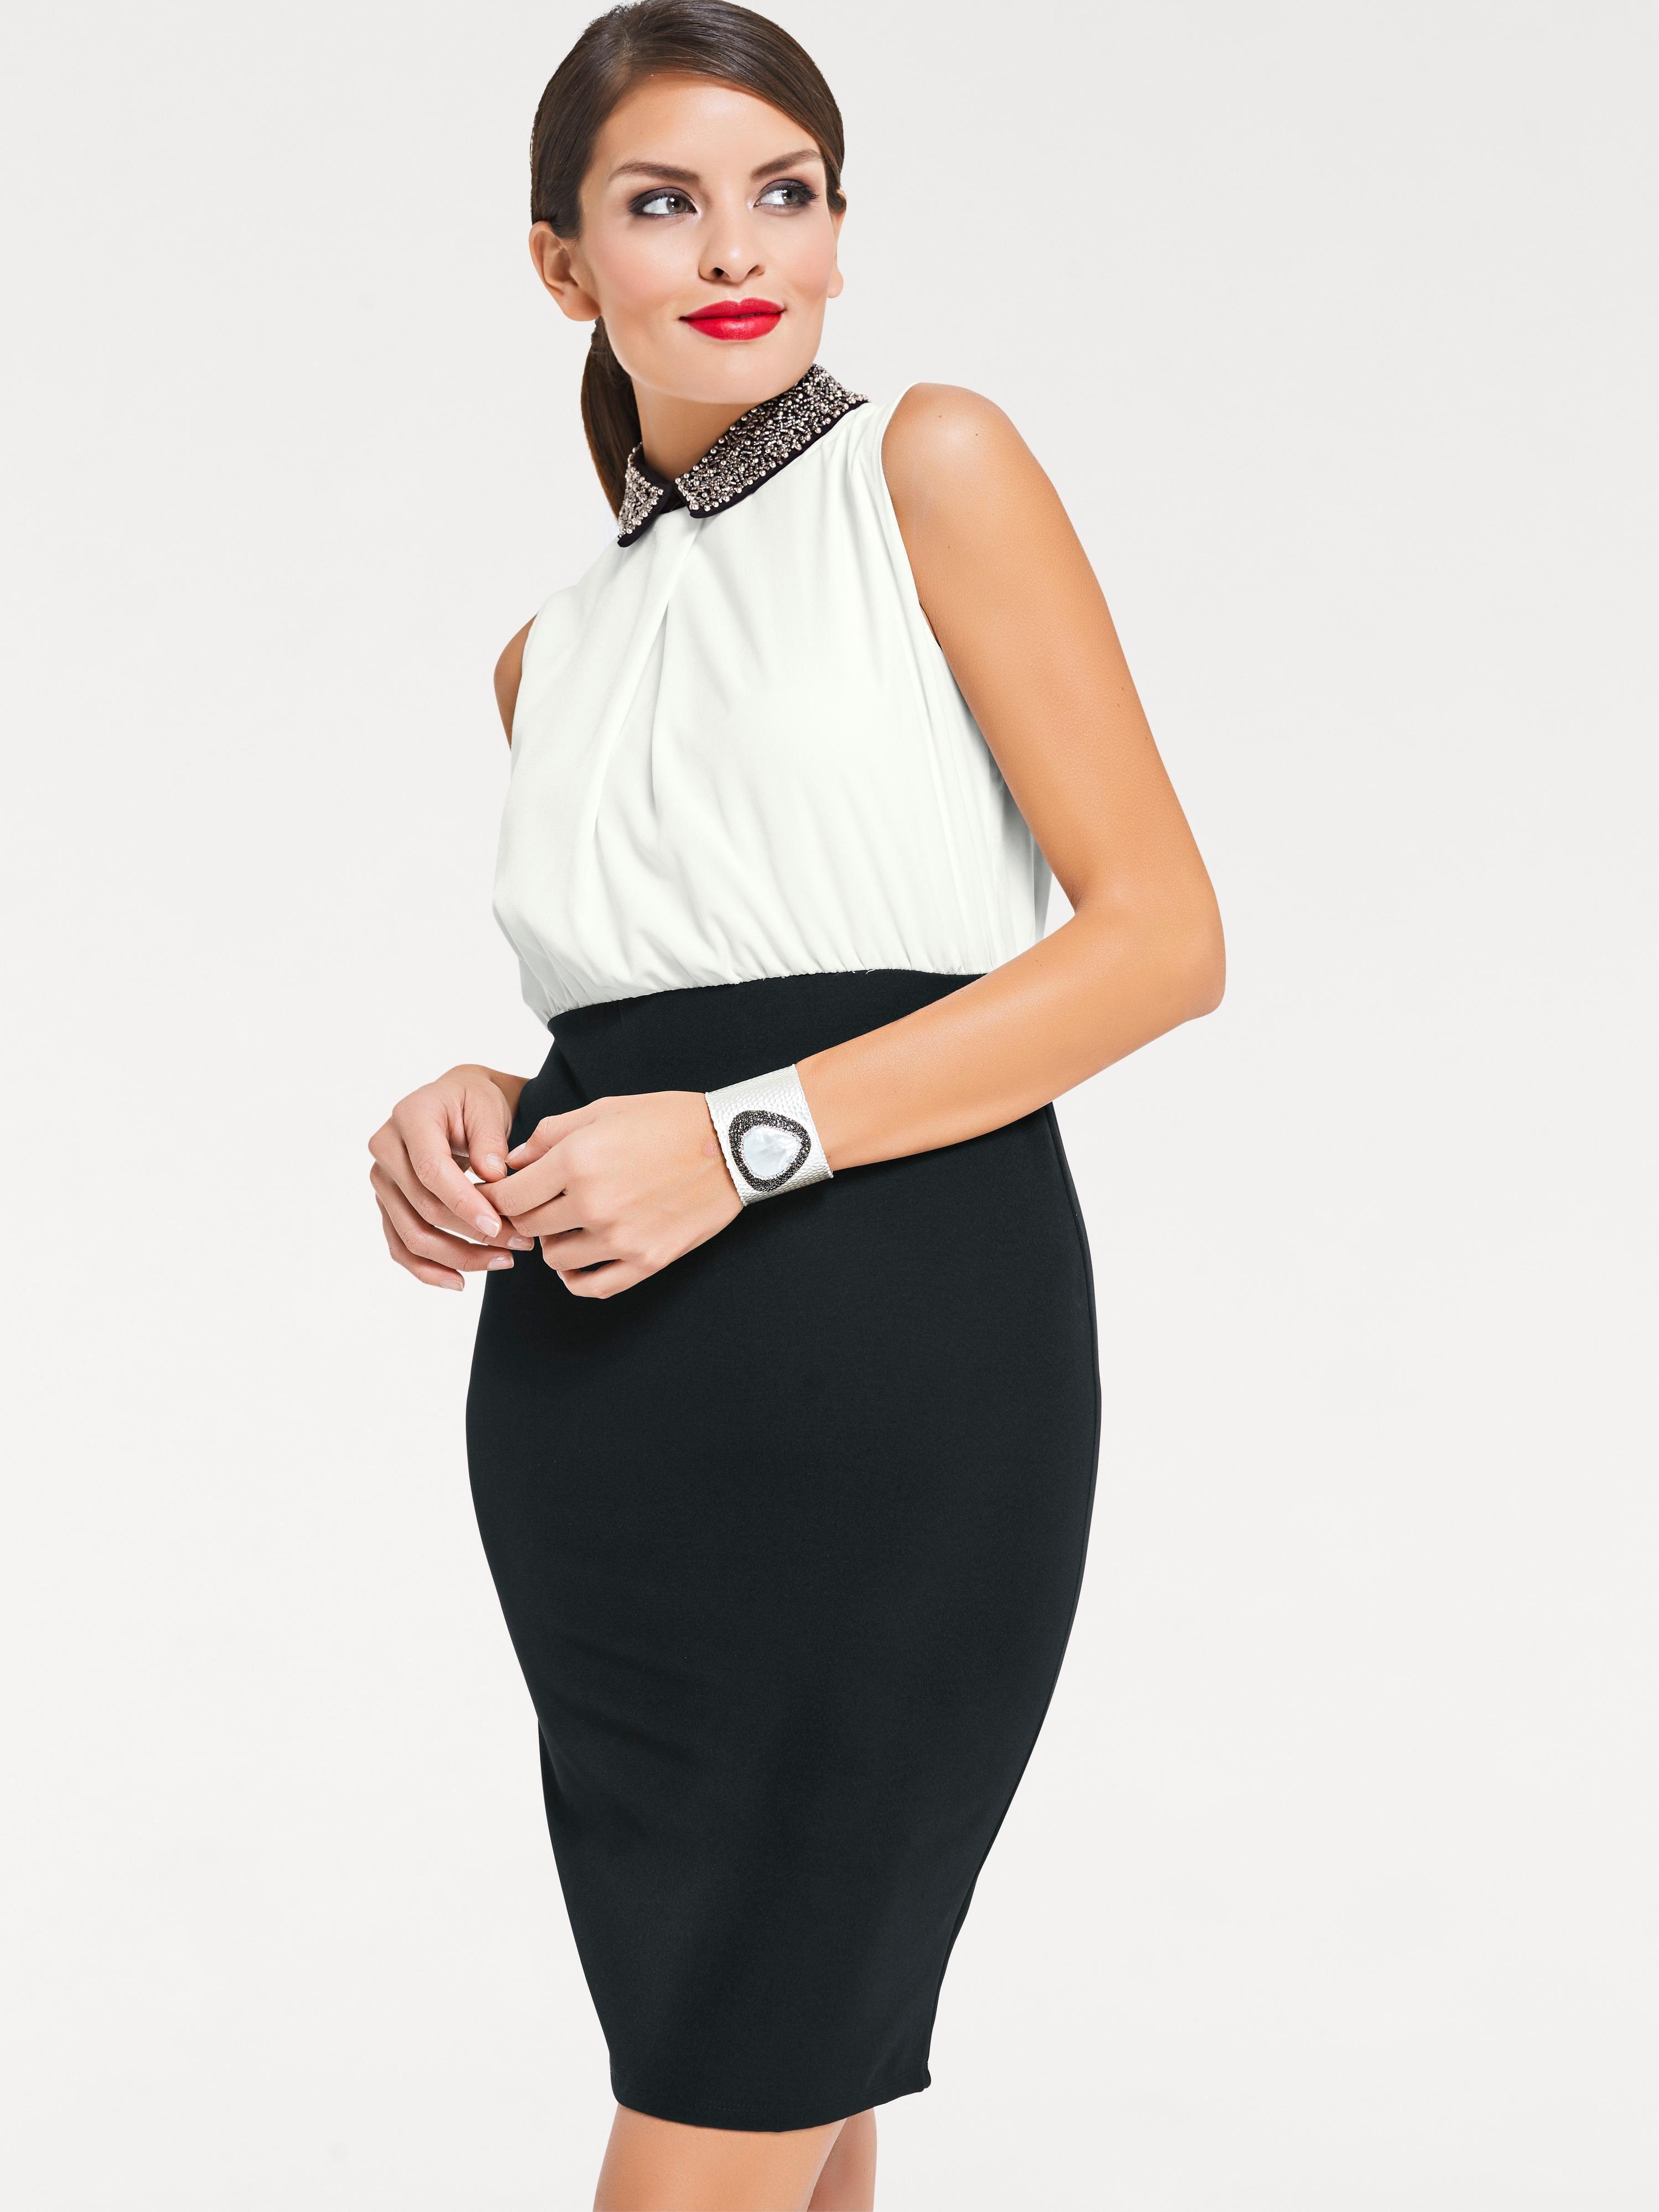 Cocktailkleider für Damen online kaufen   Damenmode-Suchmaschine ...